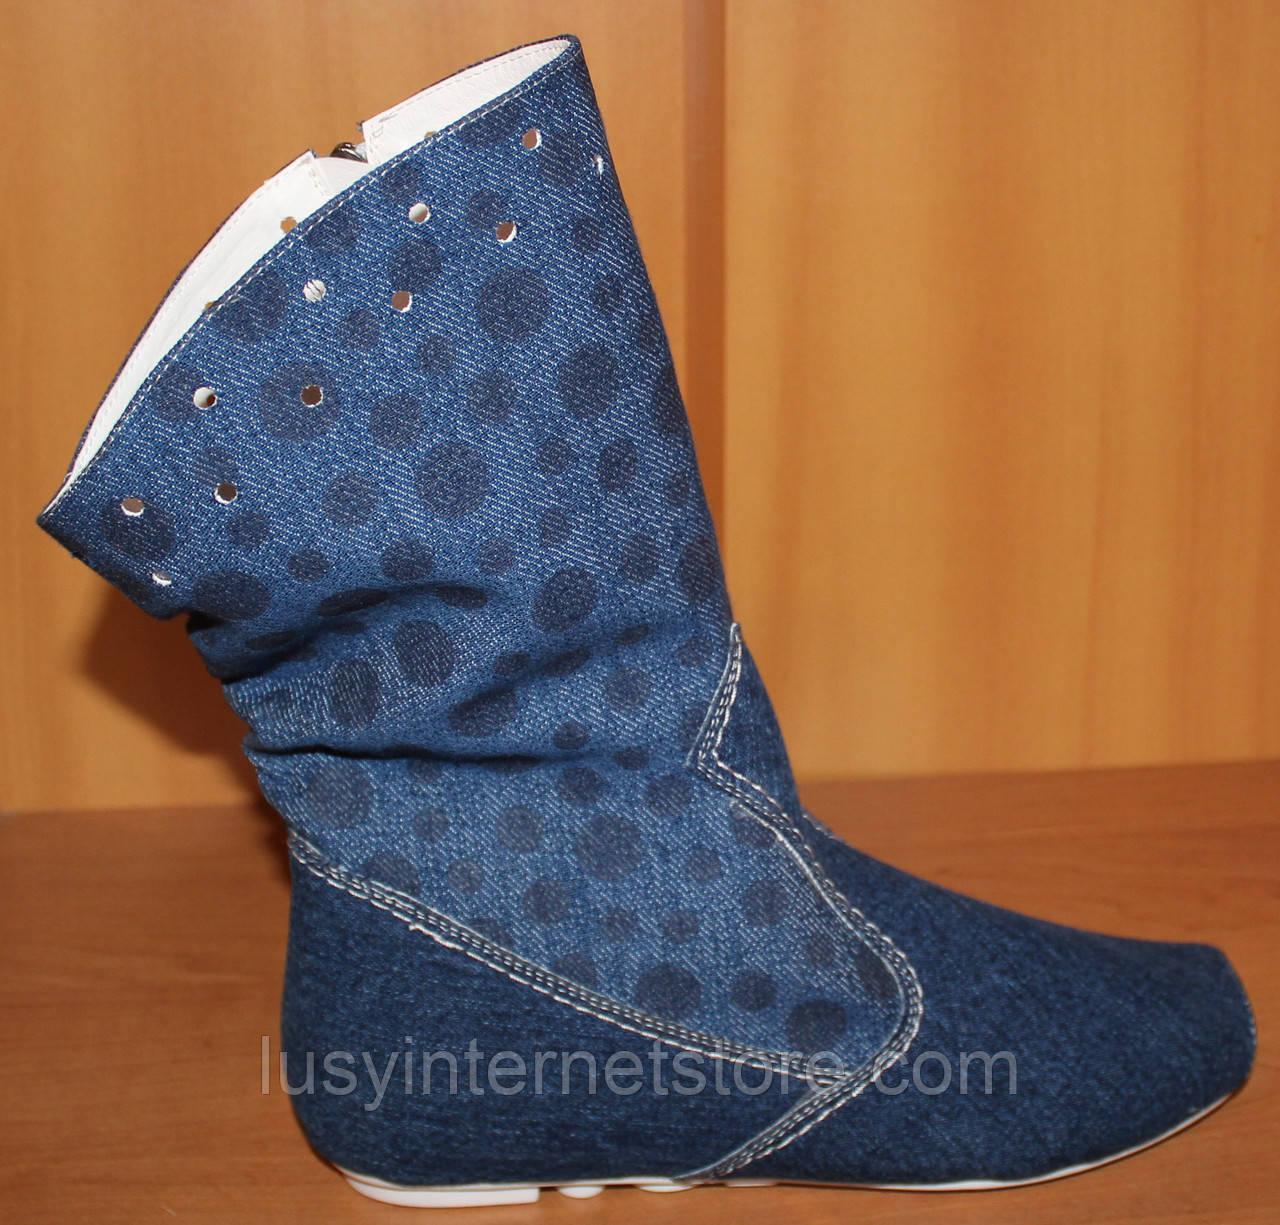 92e59c798 Летние сапоги женские джинсовые больших размеров, летняя женская обувь от  производителя модель МИ4067-6